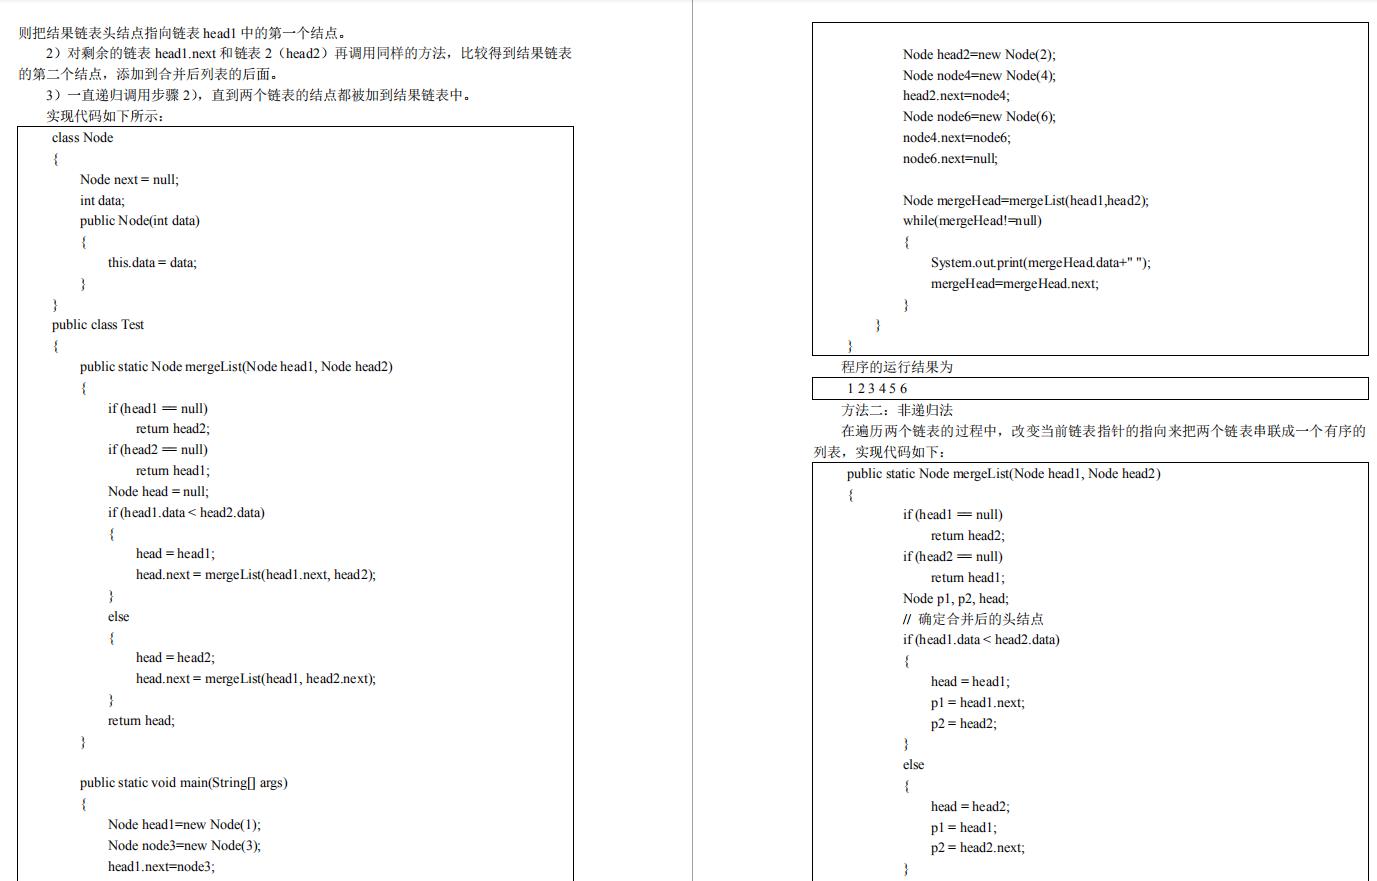 阿里P8直接甩我一份Java笔记、面试宝典,当我看到目录的一瞬间,简直怀疑人生!